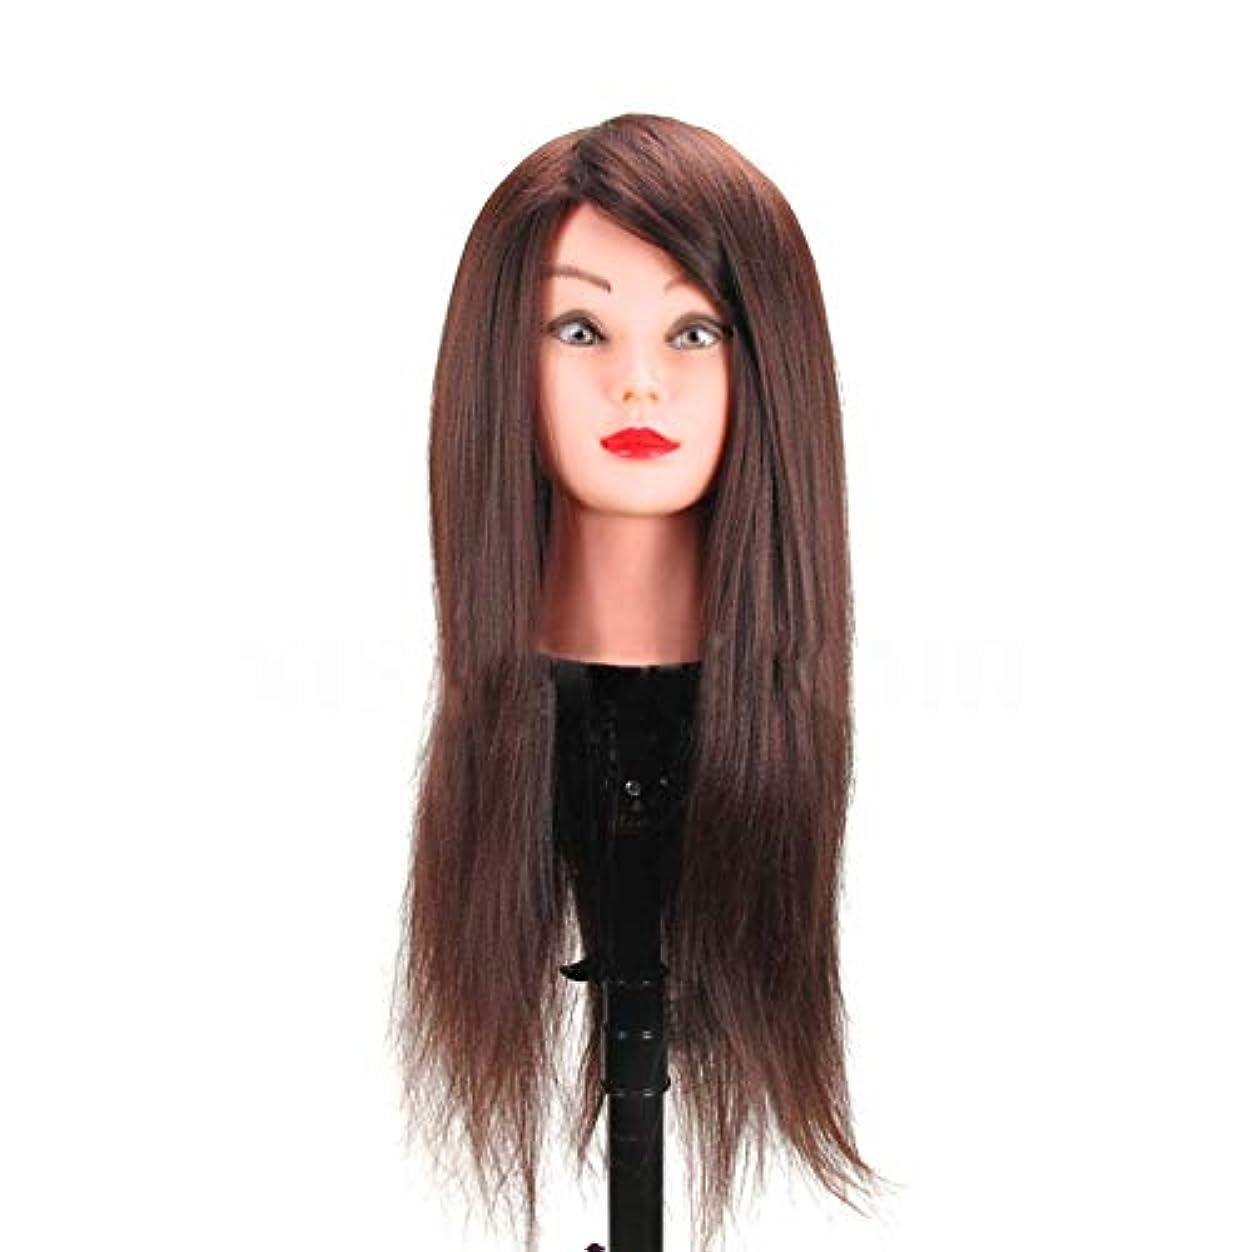 噛む石事高温シルク編組ヘアスタイリングヘッドモデル理髪店理髪ダミーヘッド化粧練習マネキンヘッド